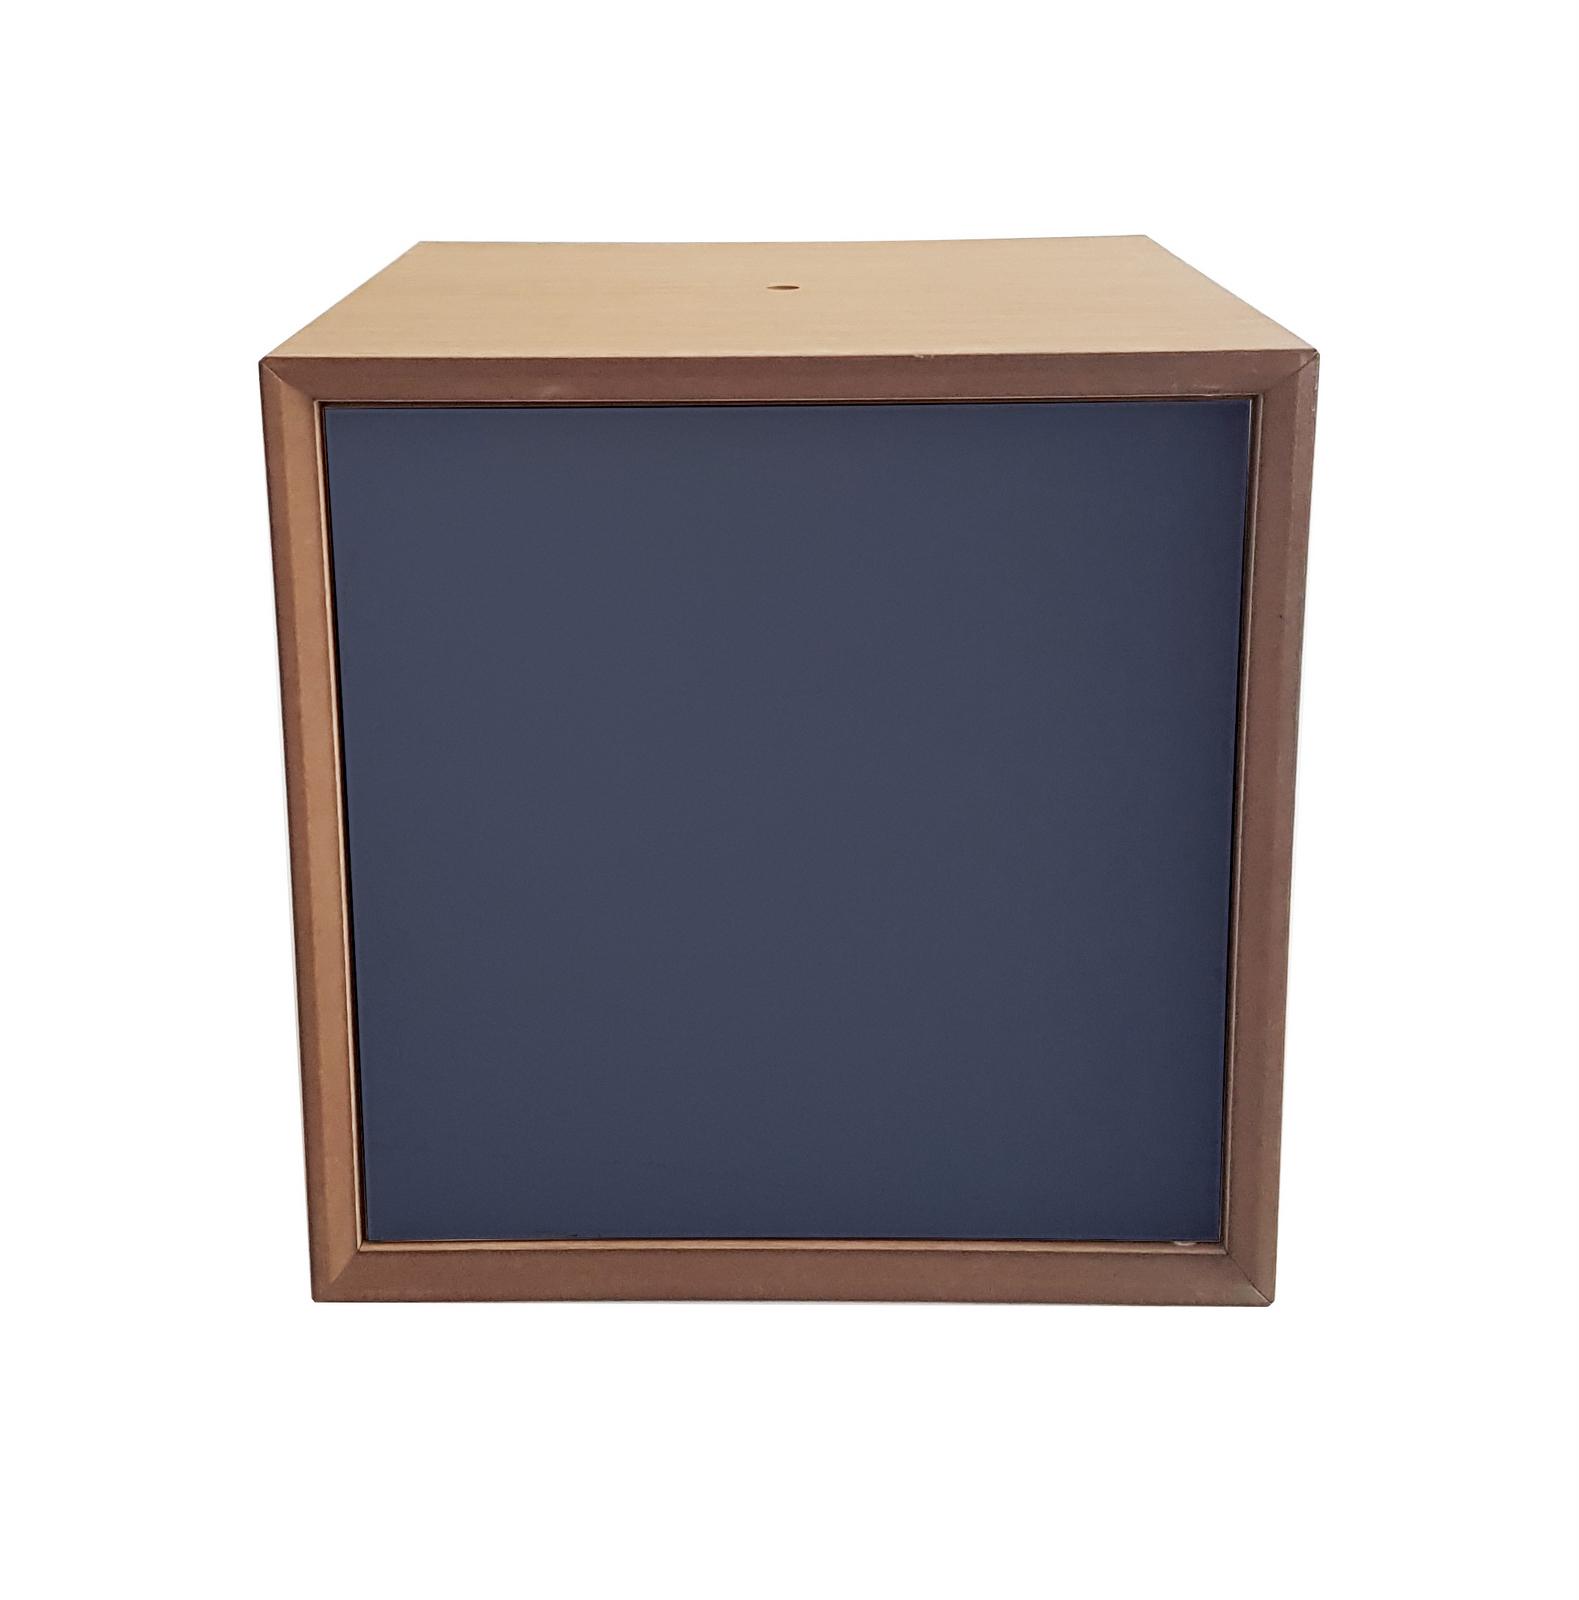 Dulap modular Pixel Graphite, l40xA40xH40 cm